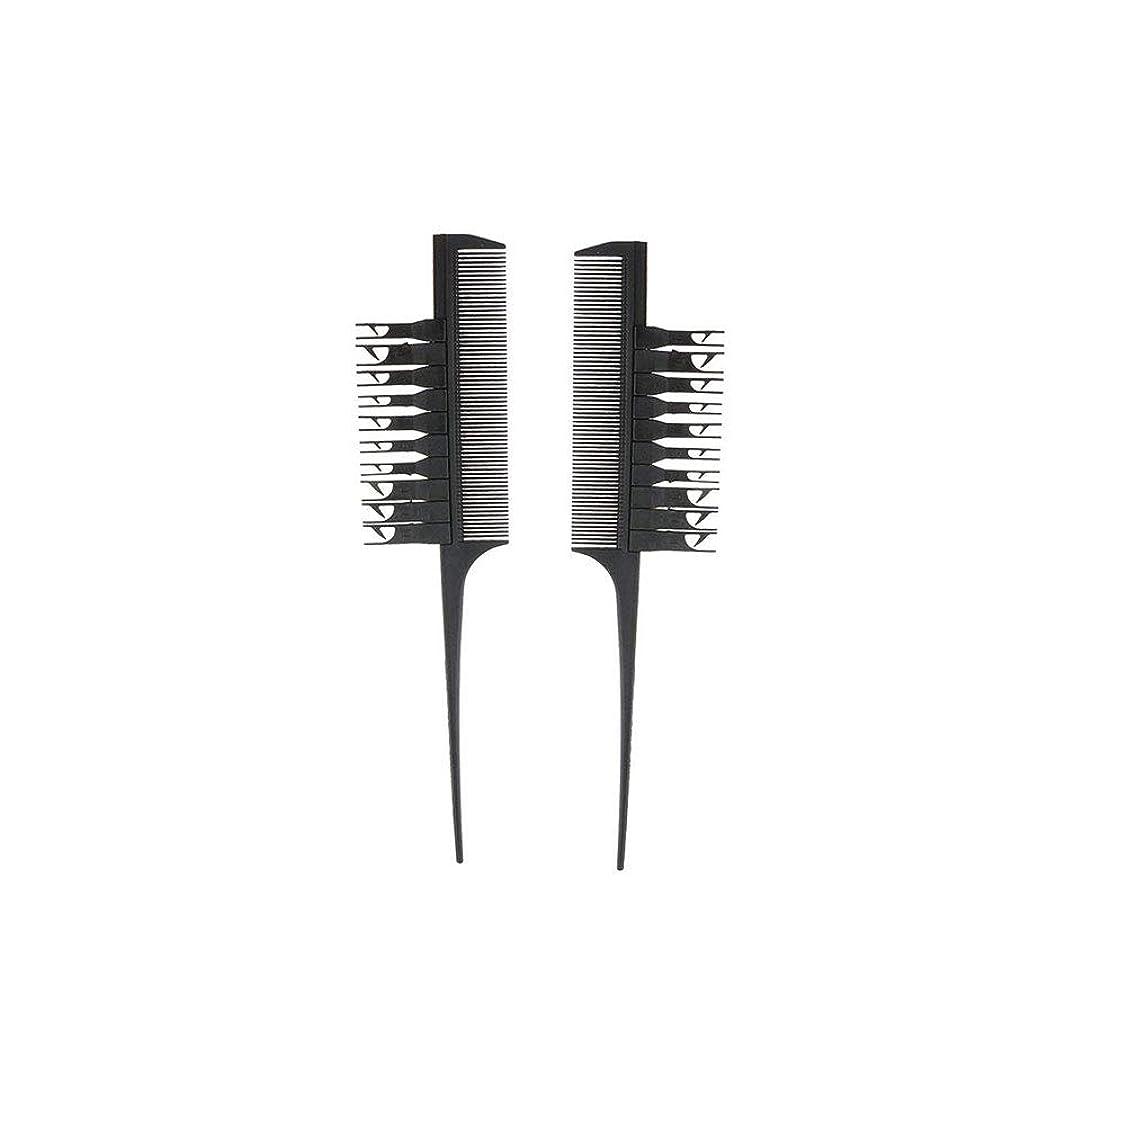 予見するインゲン地下室Snner セルフヘアカラーセット 毛染め用 2PCSはDIY工具ブレードが毛の微黒を強調髪トーンセットブラシ毛の櫛で髪を強調しました